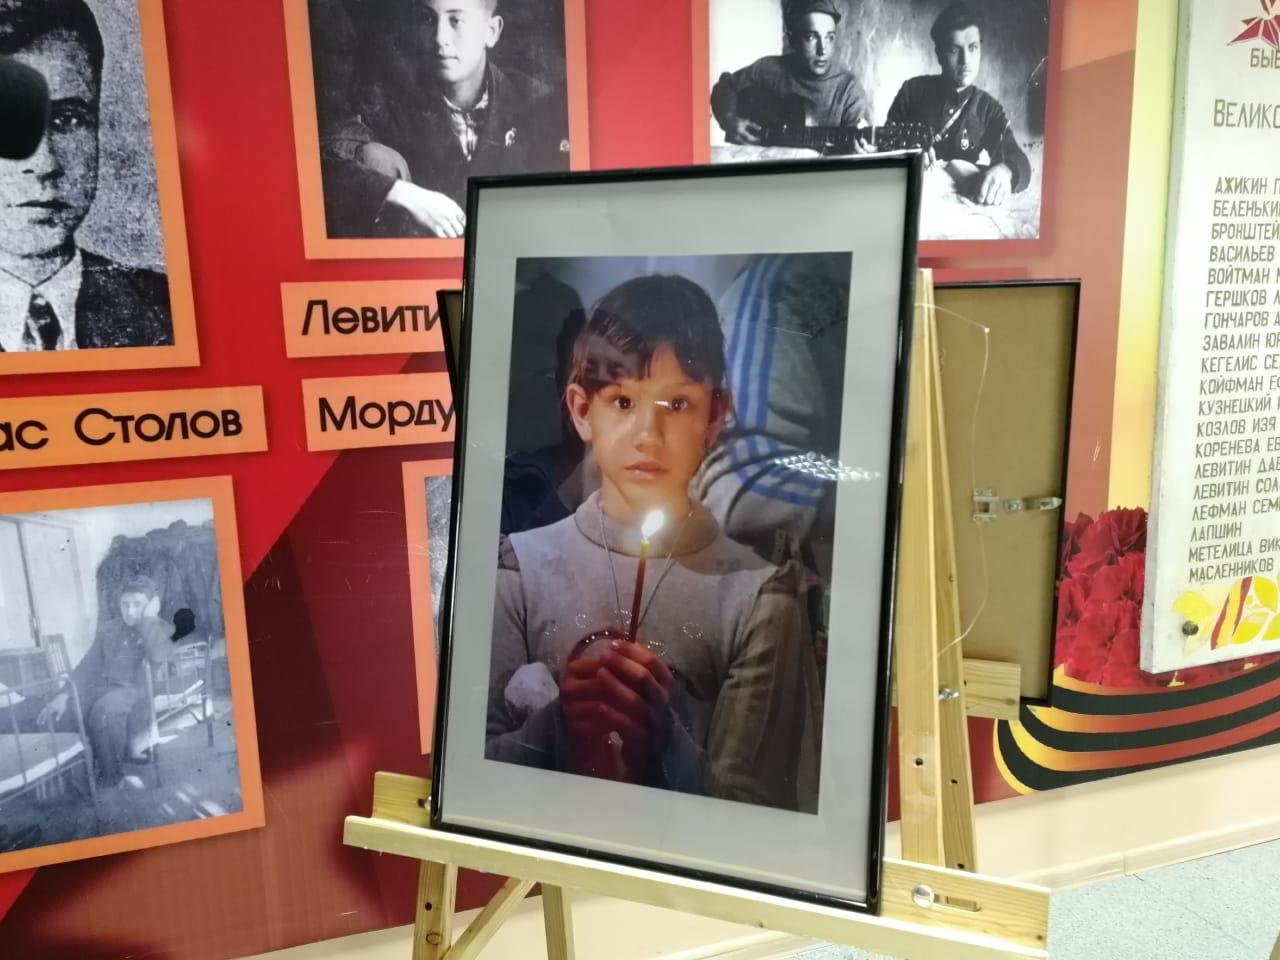 """Первый Православный Медиа-форум """"Доброе Слово"""" г.Биробиджан 26-27 мая 2018г."""